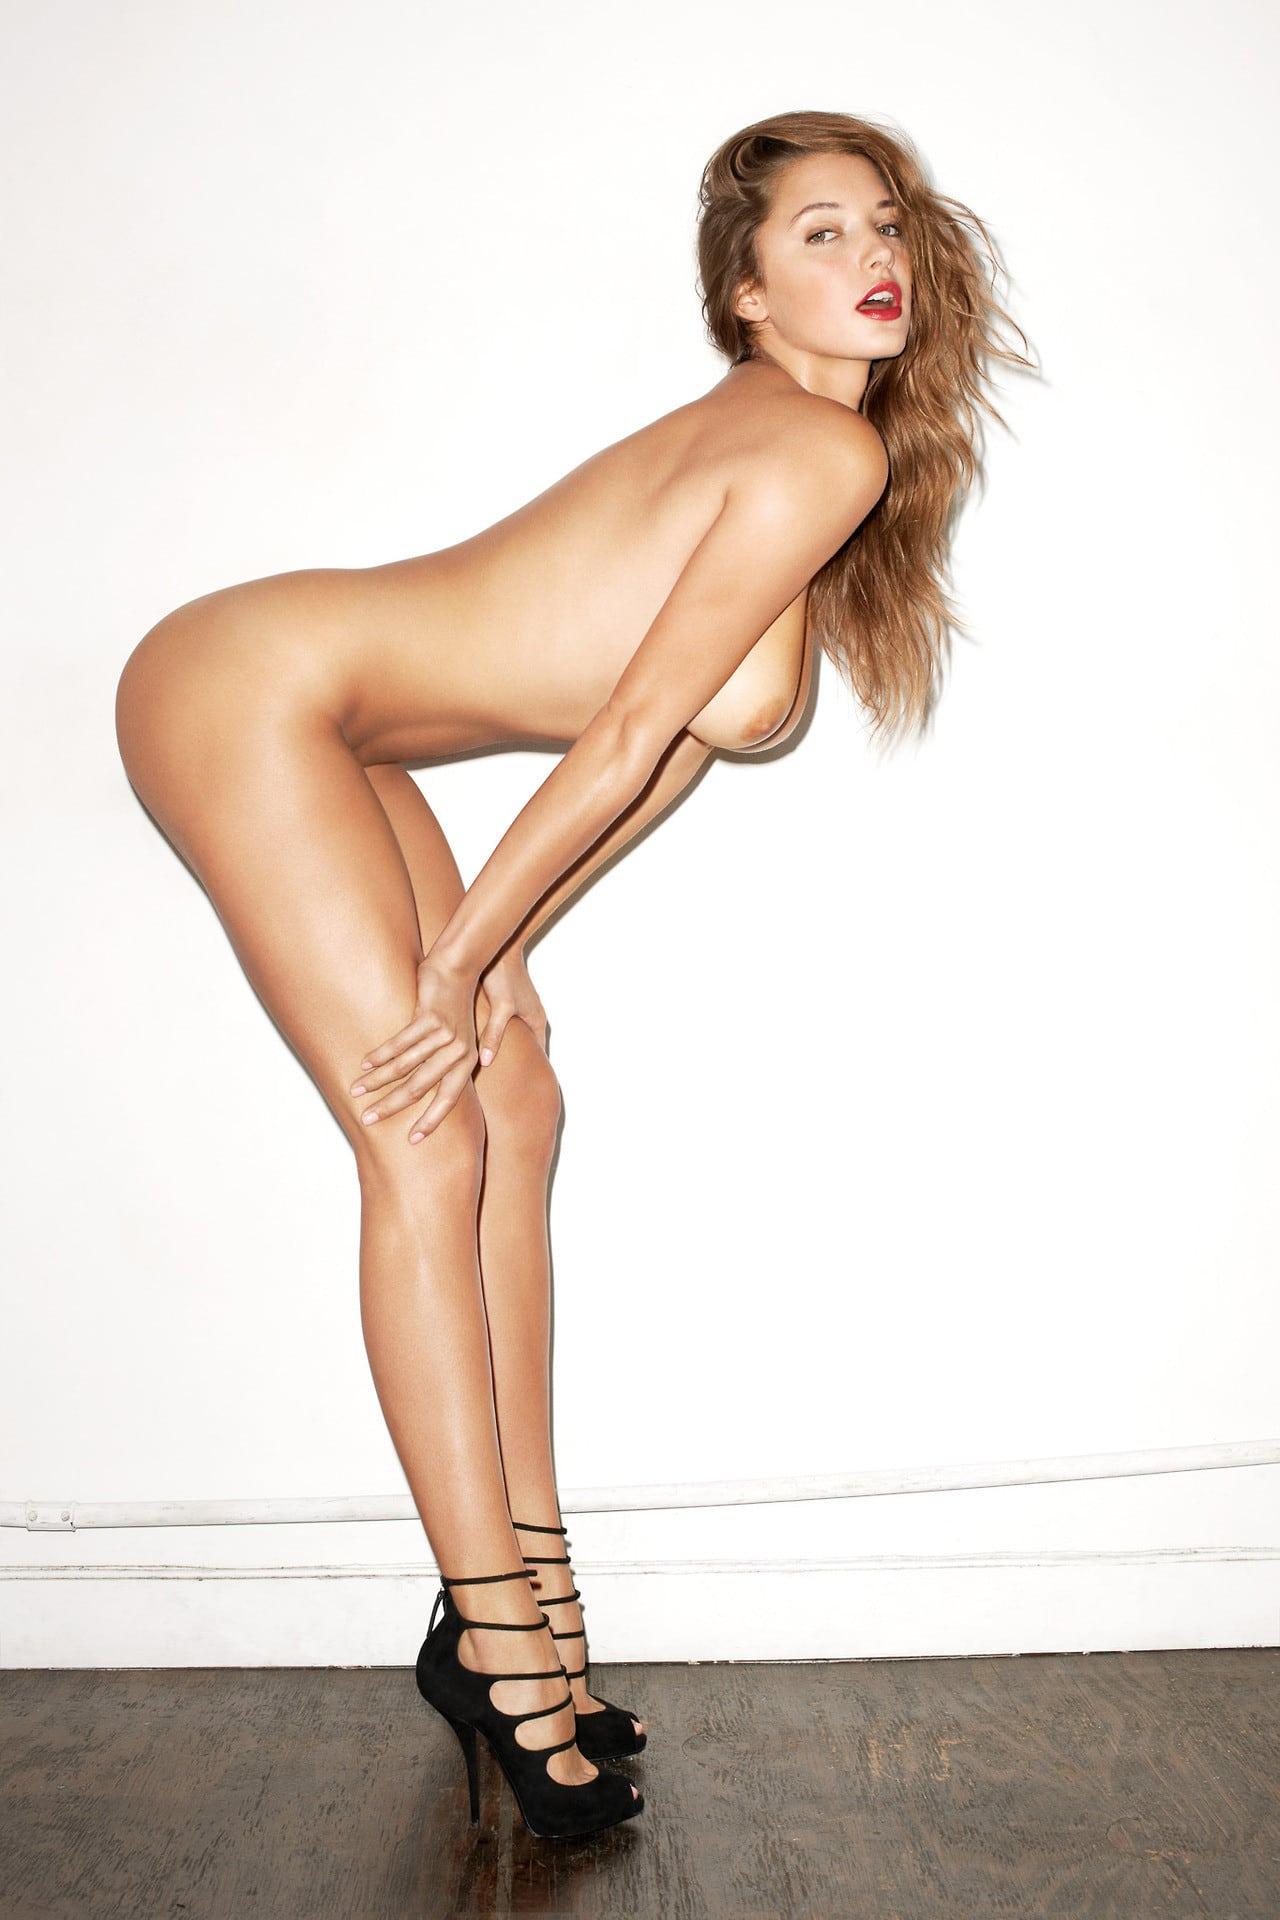 Maria arce nude in the girl next door hd